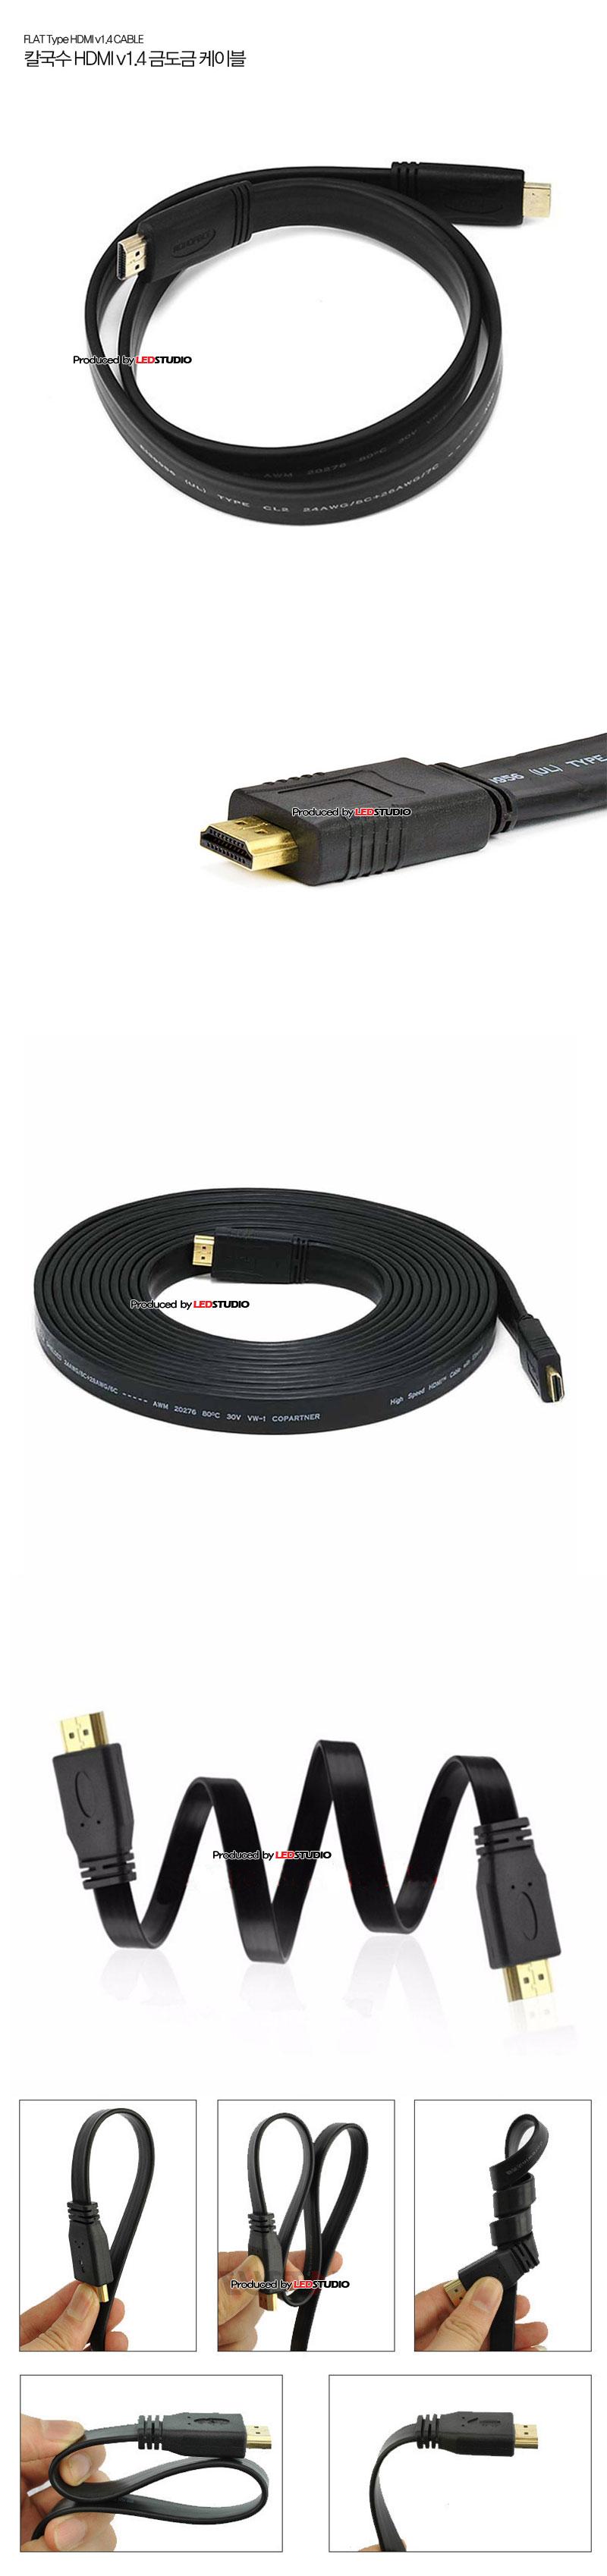 칼국수 HDMI v1.4 금도금 케이블 (A-A 타입) 5M